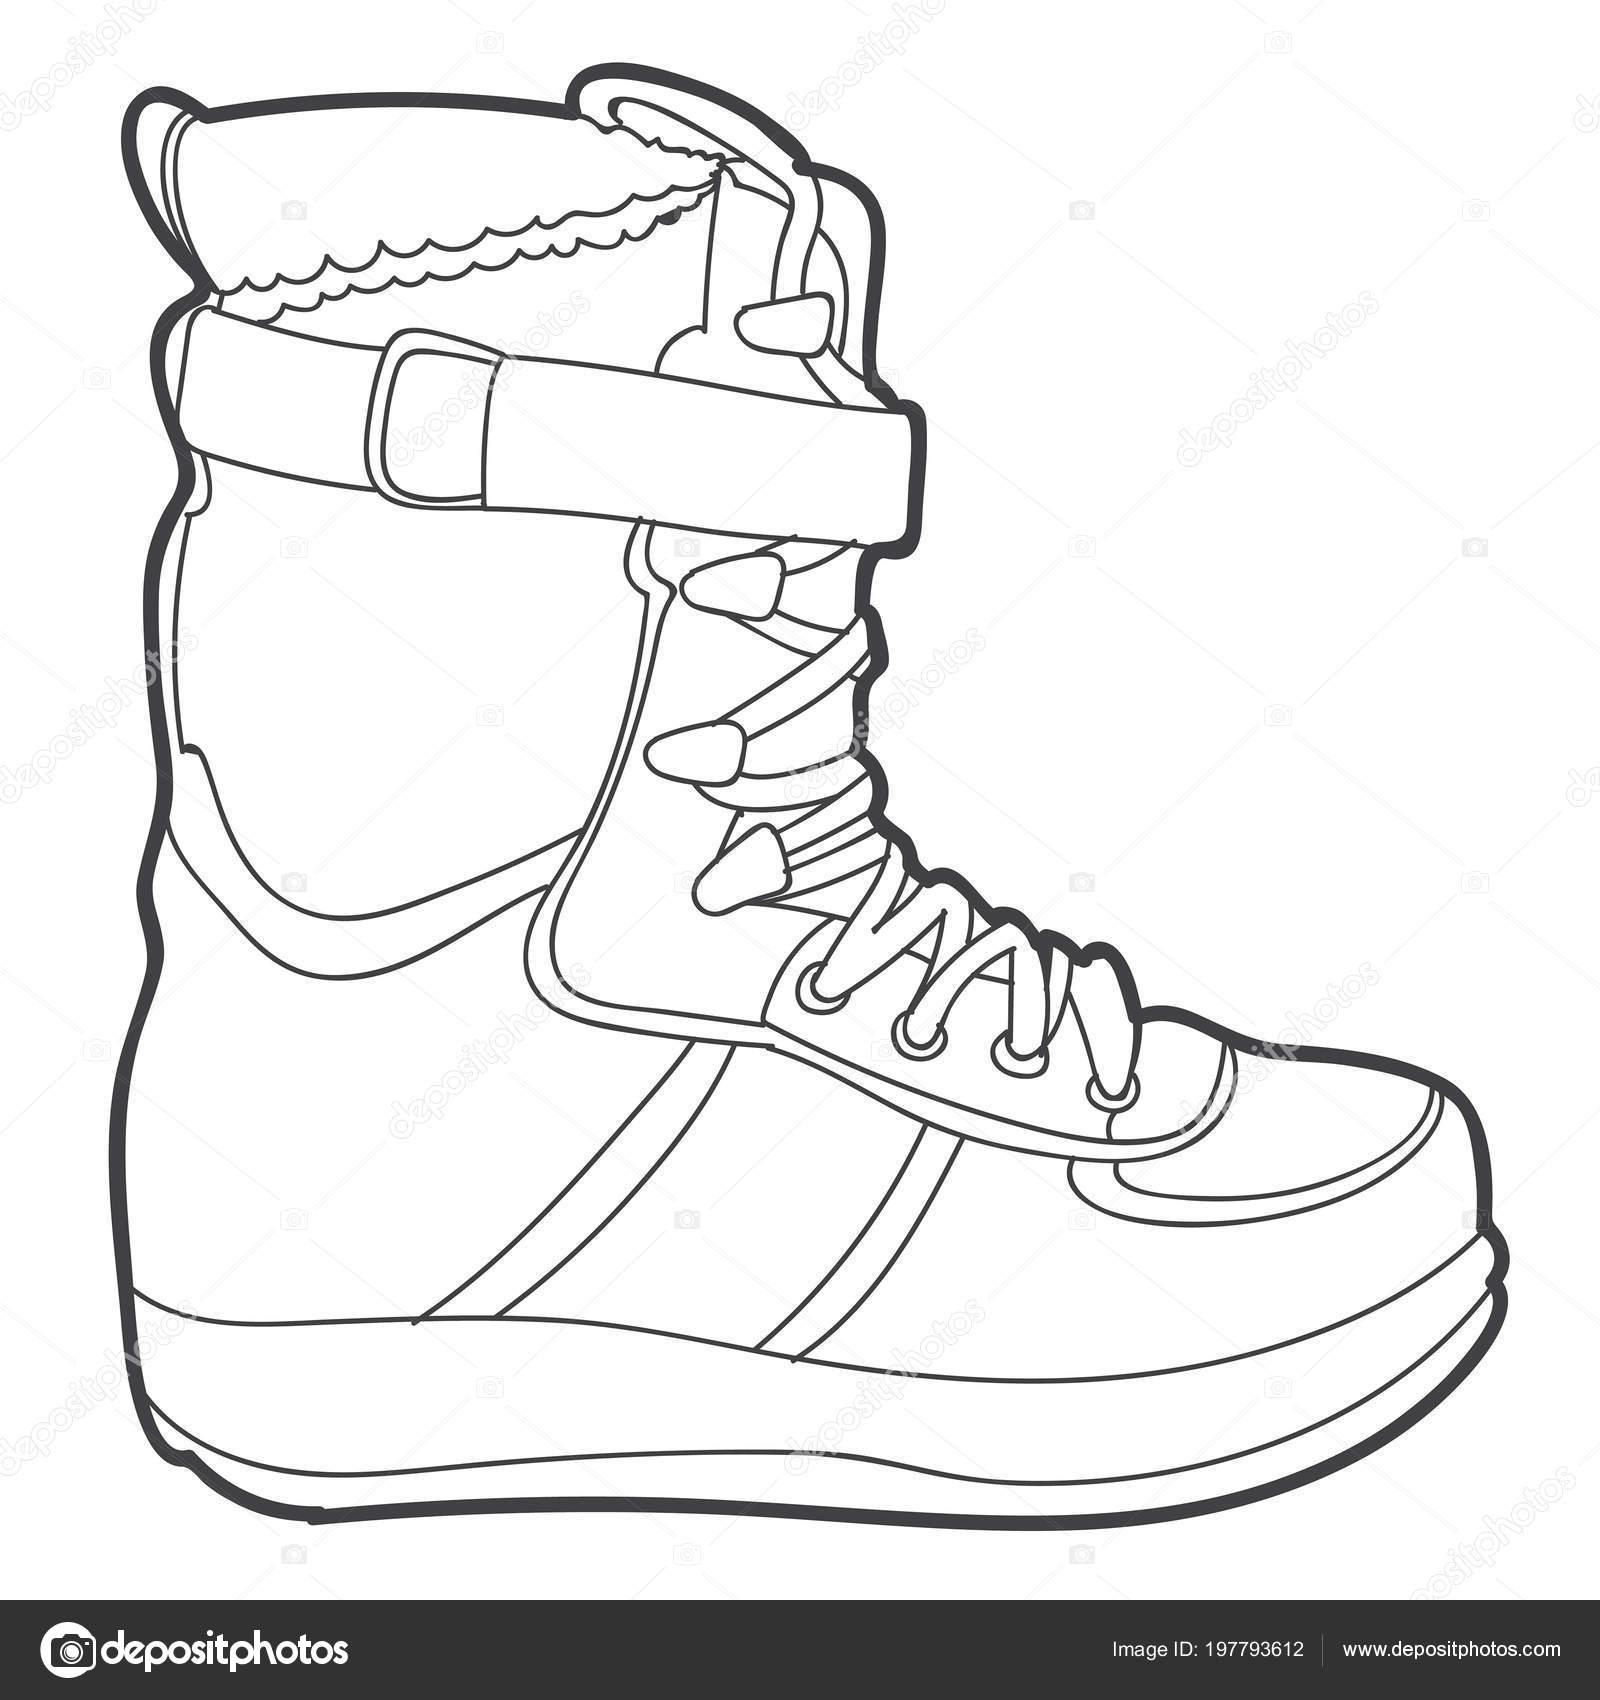 Bota Esquí Ilustración Monocromo Vector Aislado Sobre Fondo